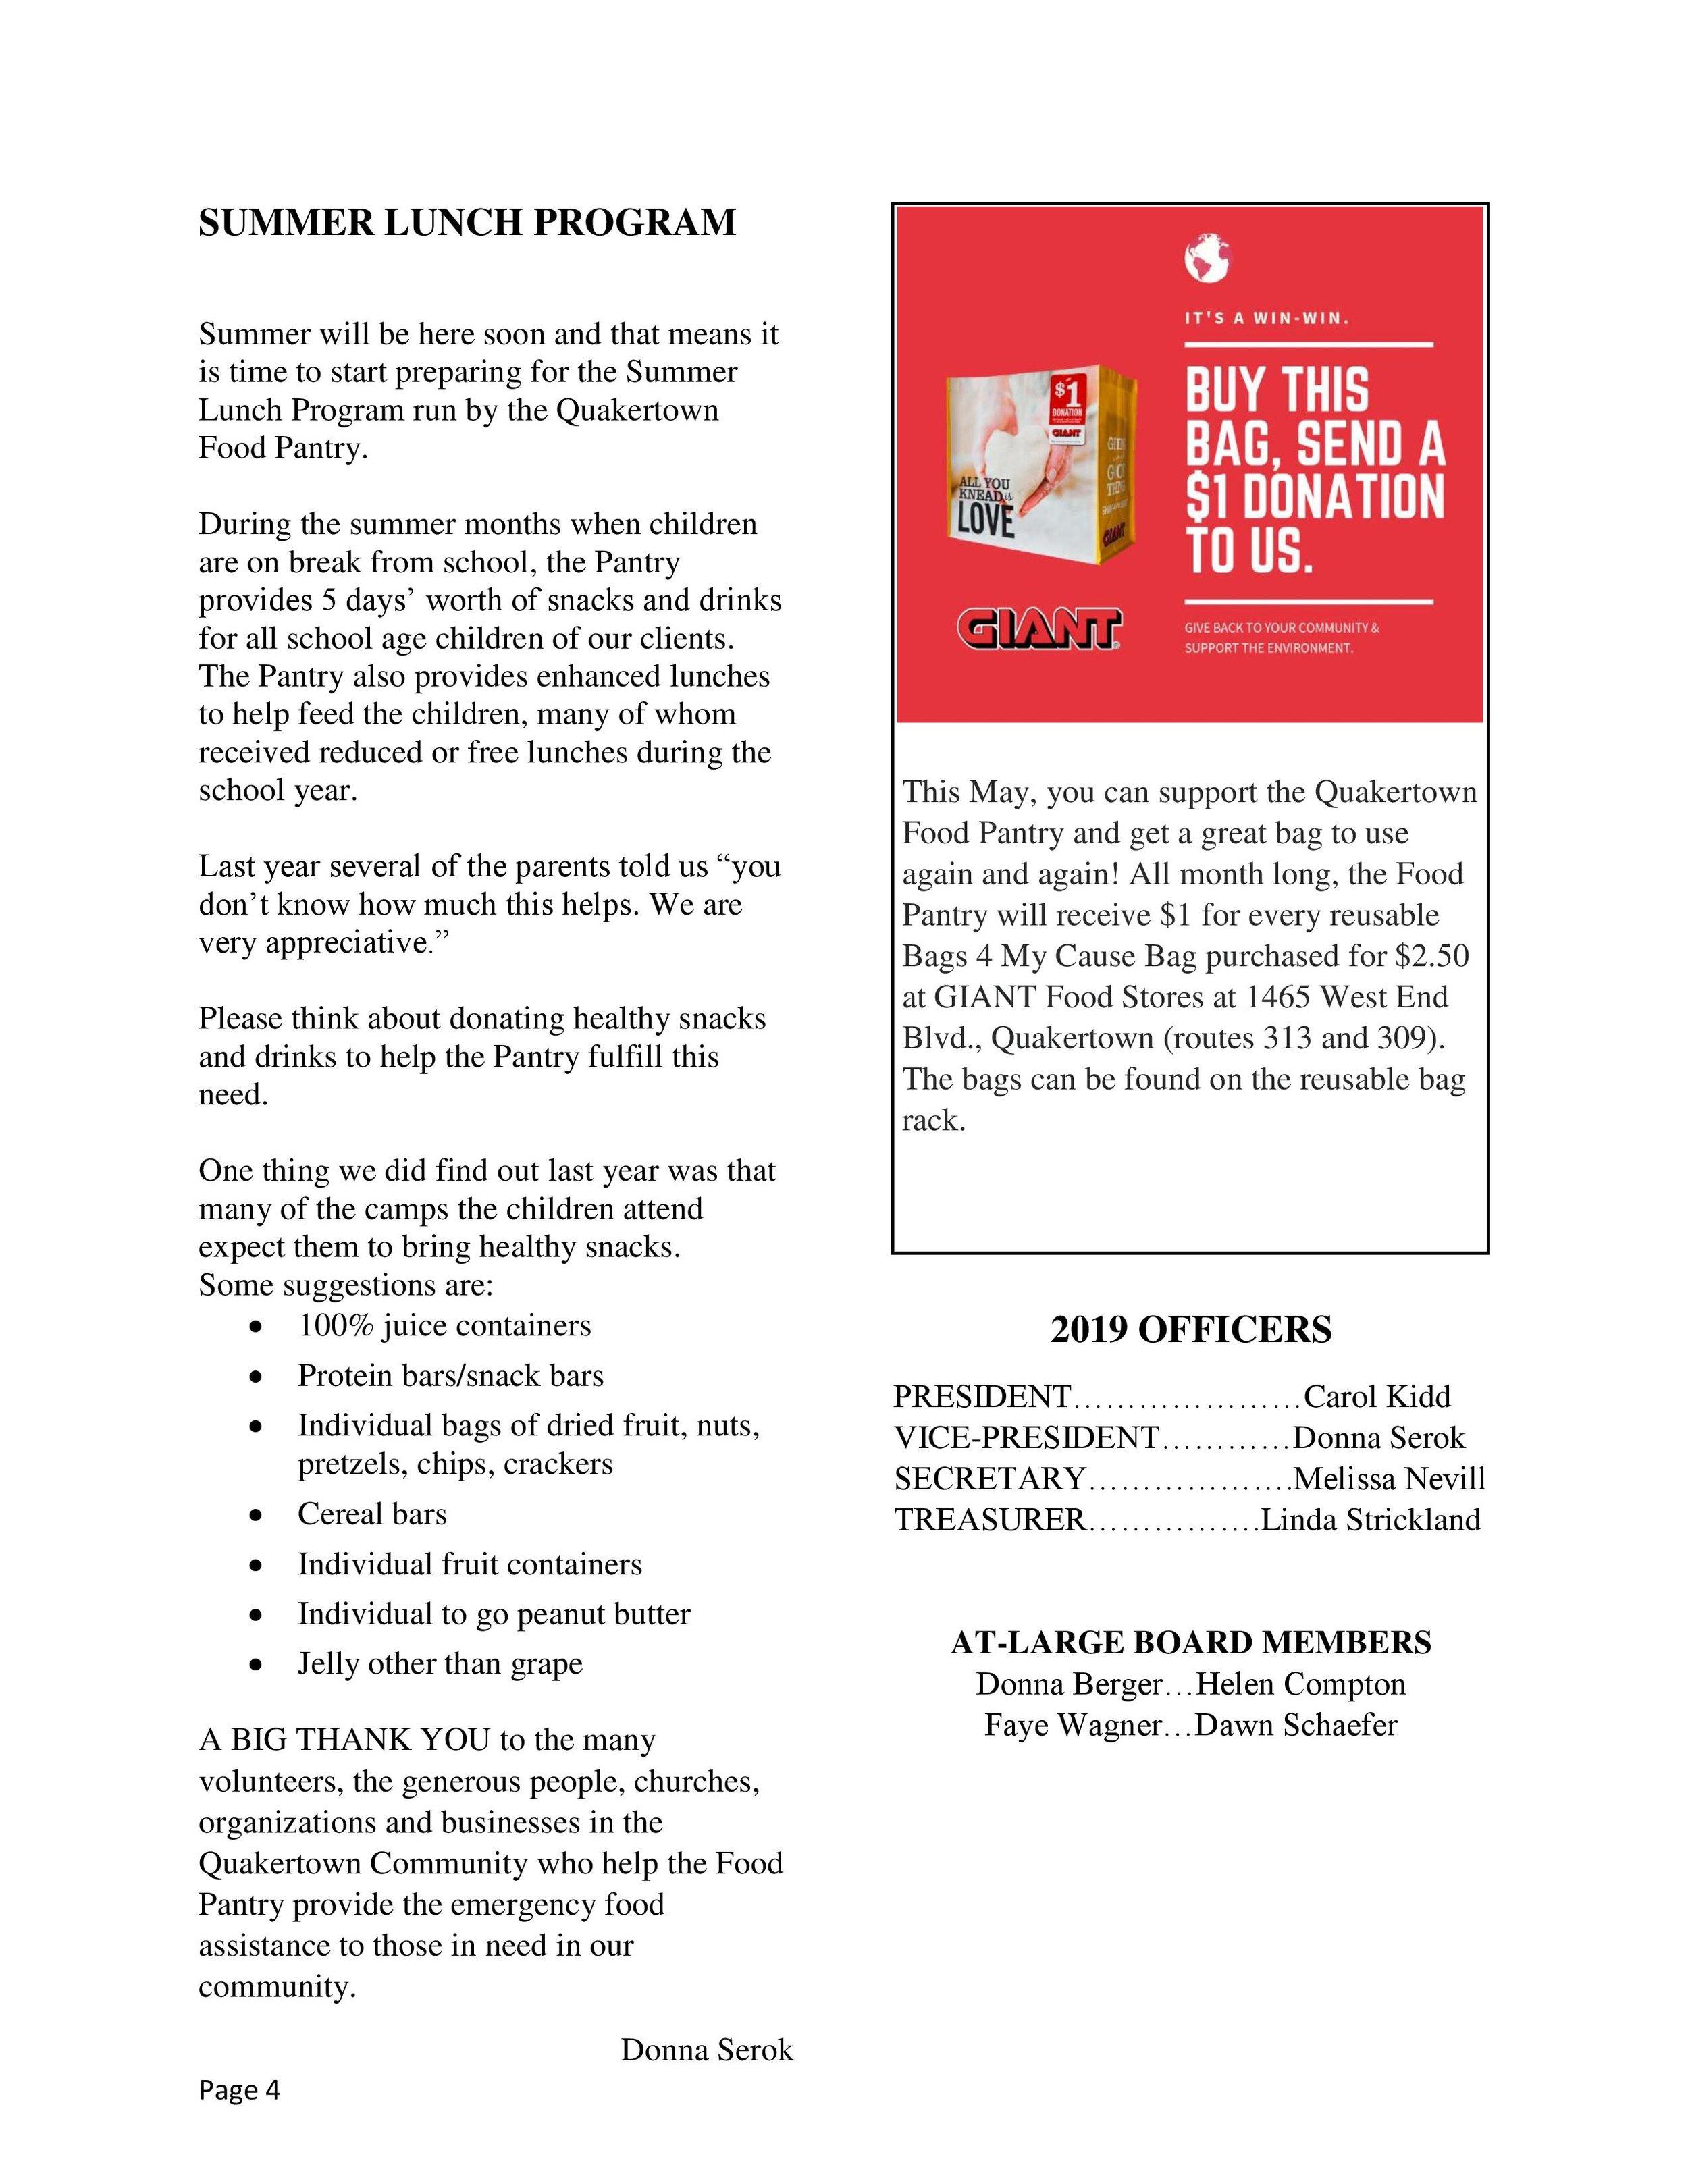 FoodPantrySpringNewsletter[1575](1)-page-004.jpg